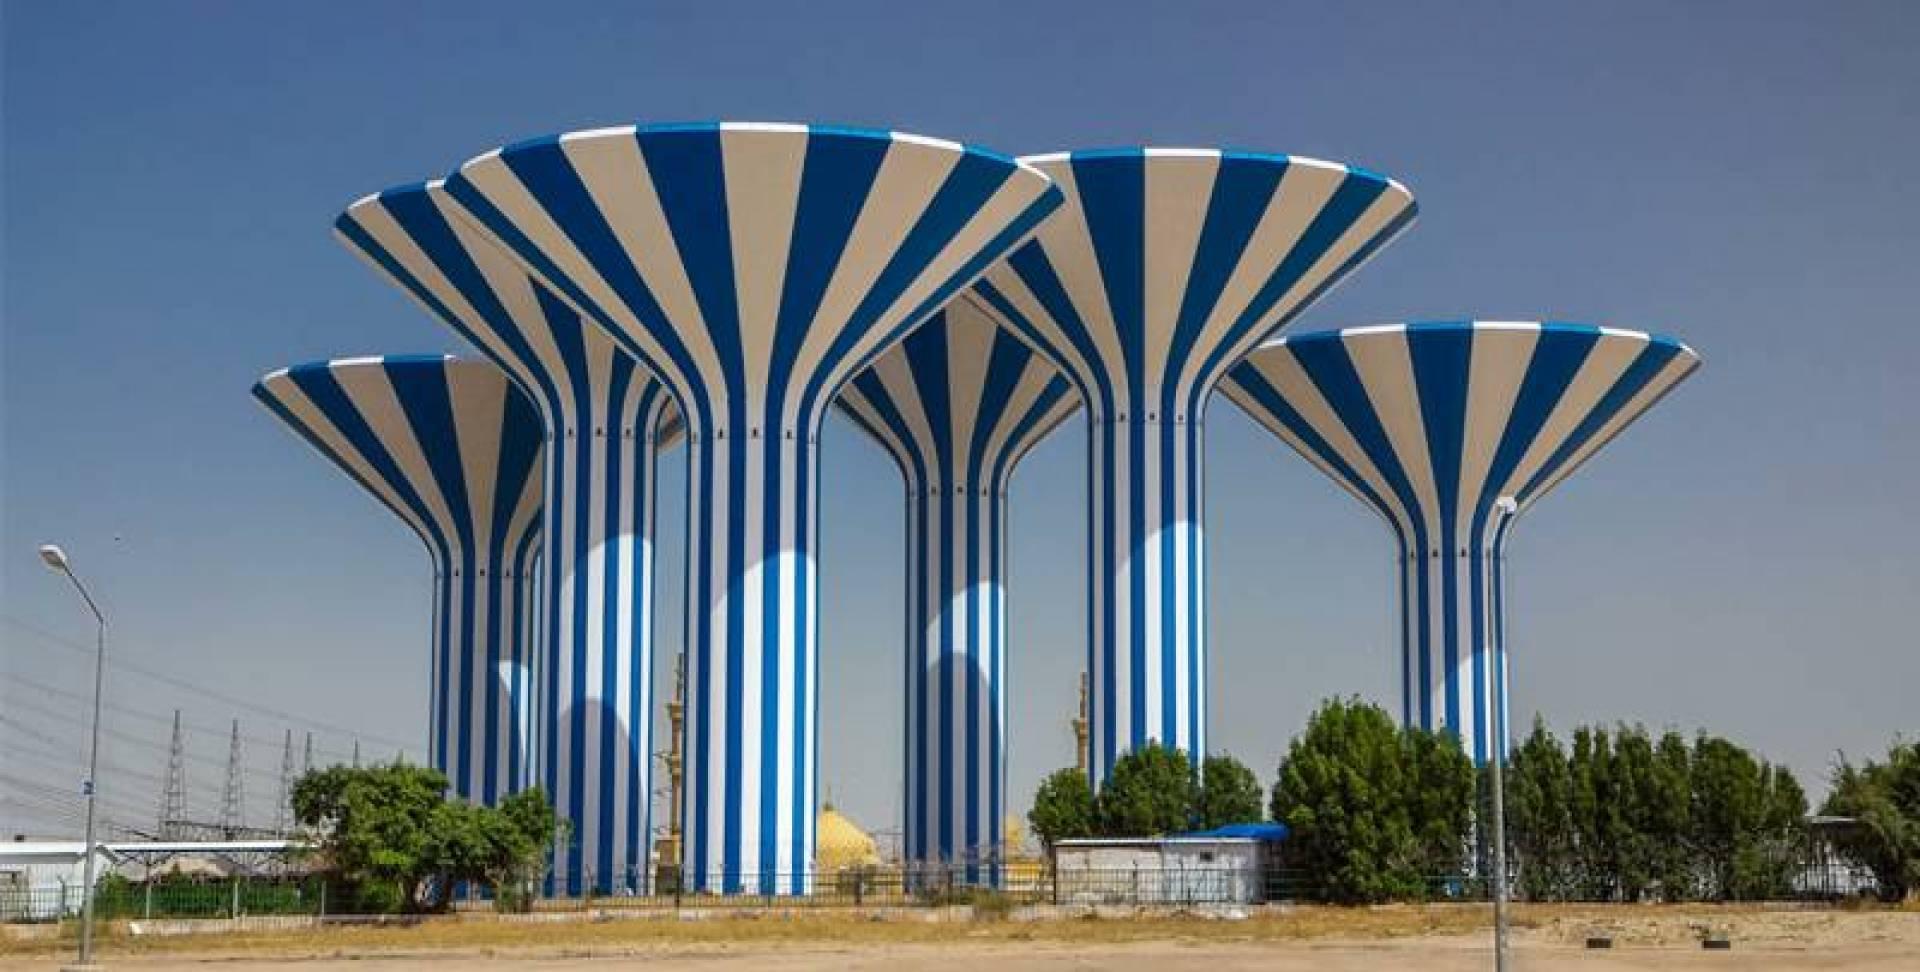 الكويت الأولى عربياً في جودة المياه